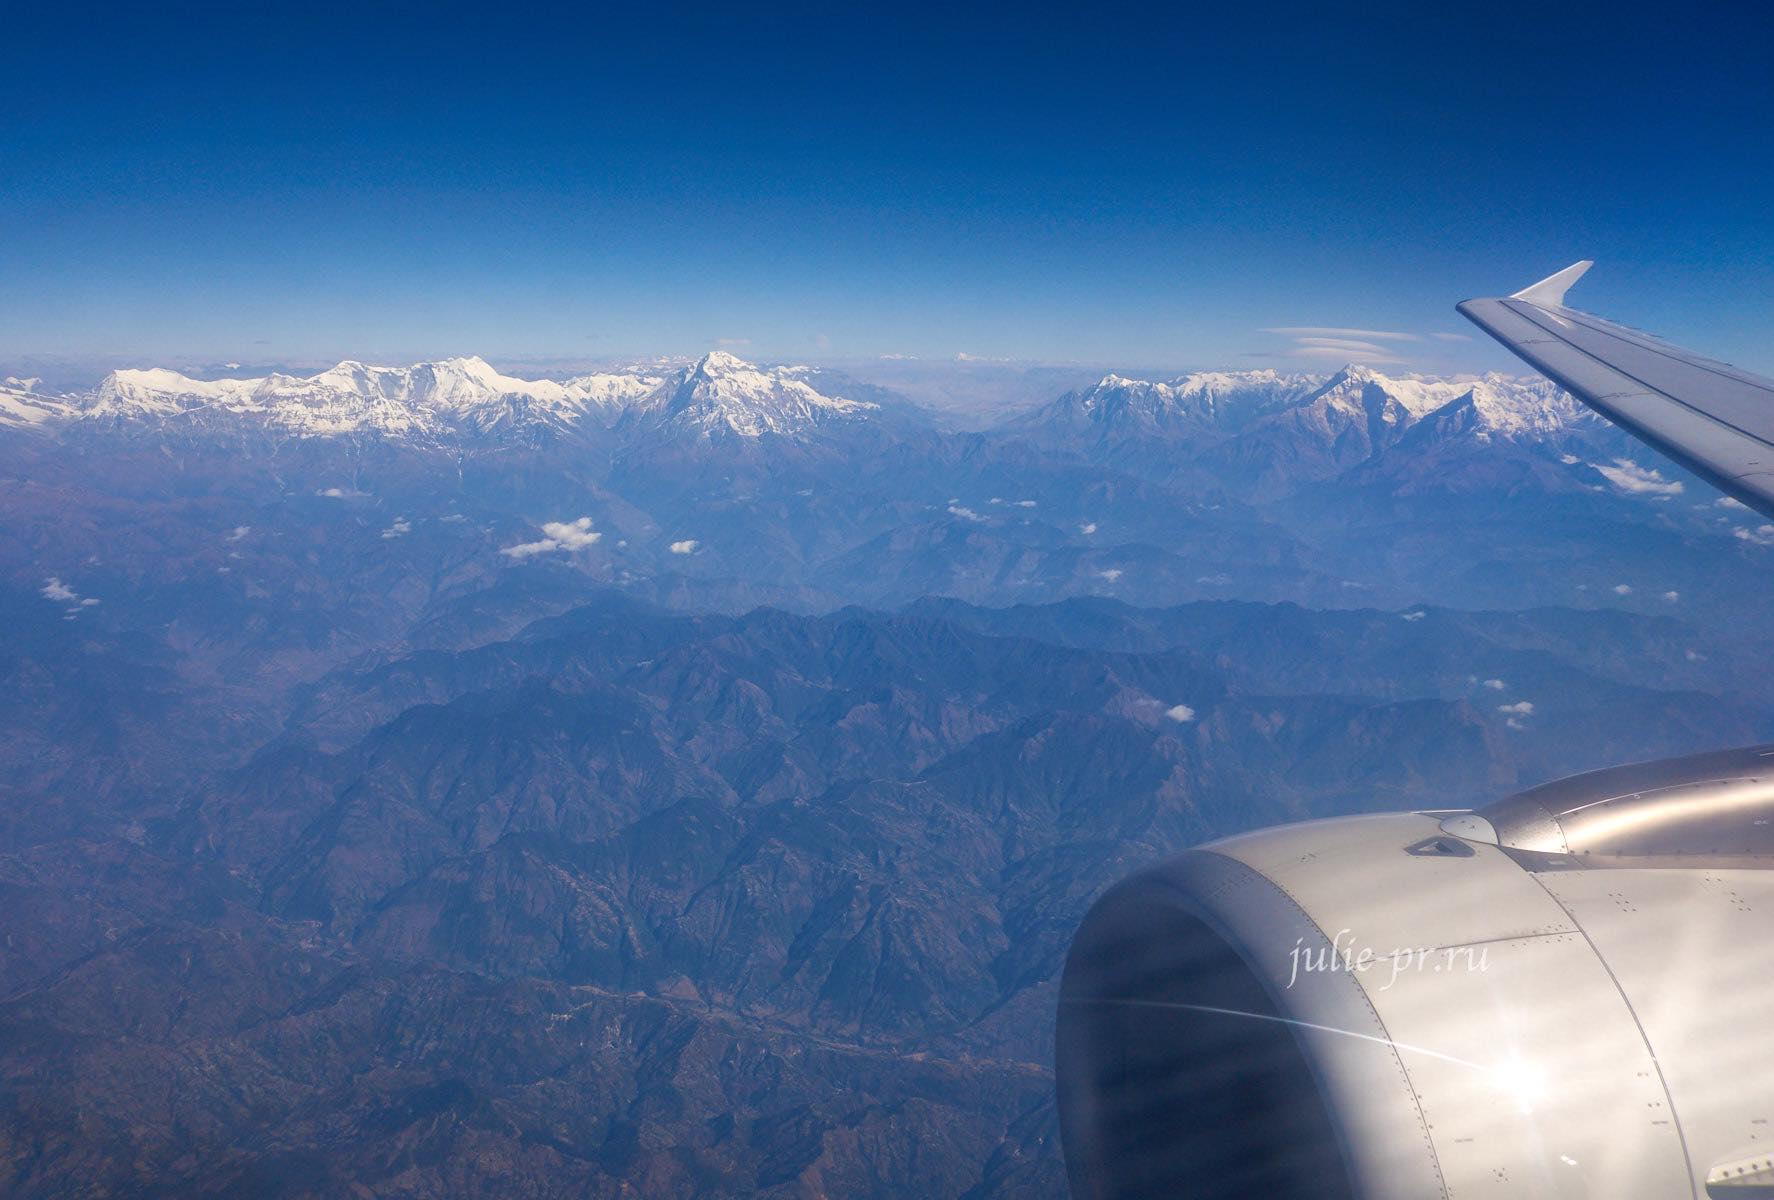 Непал, Гималаи, Самолёт